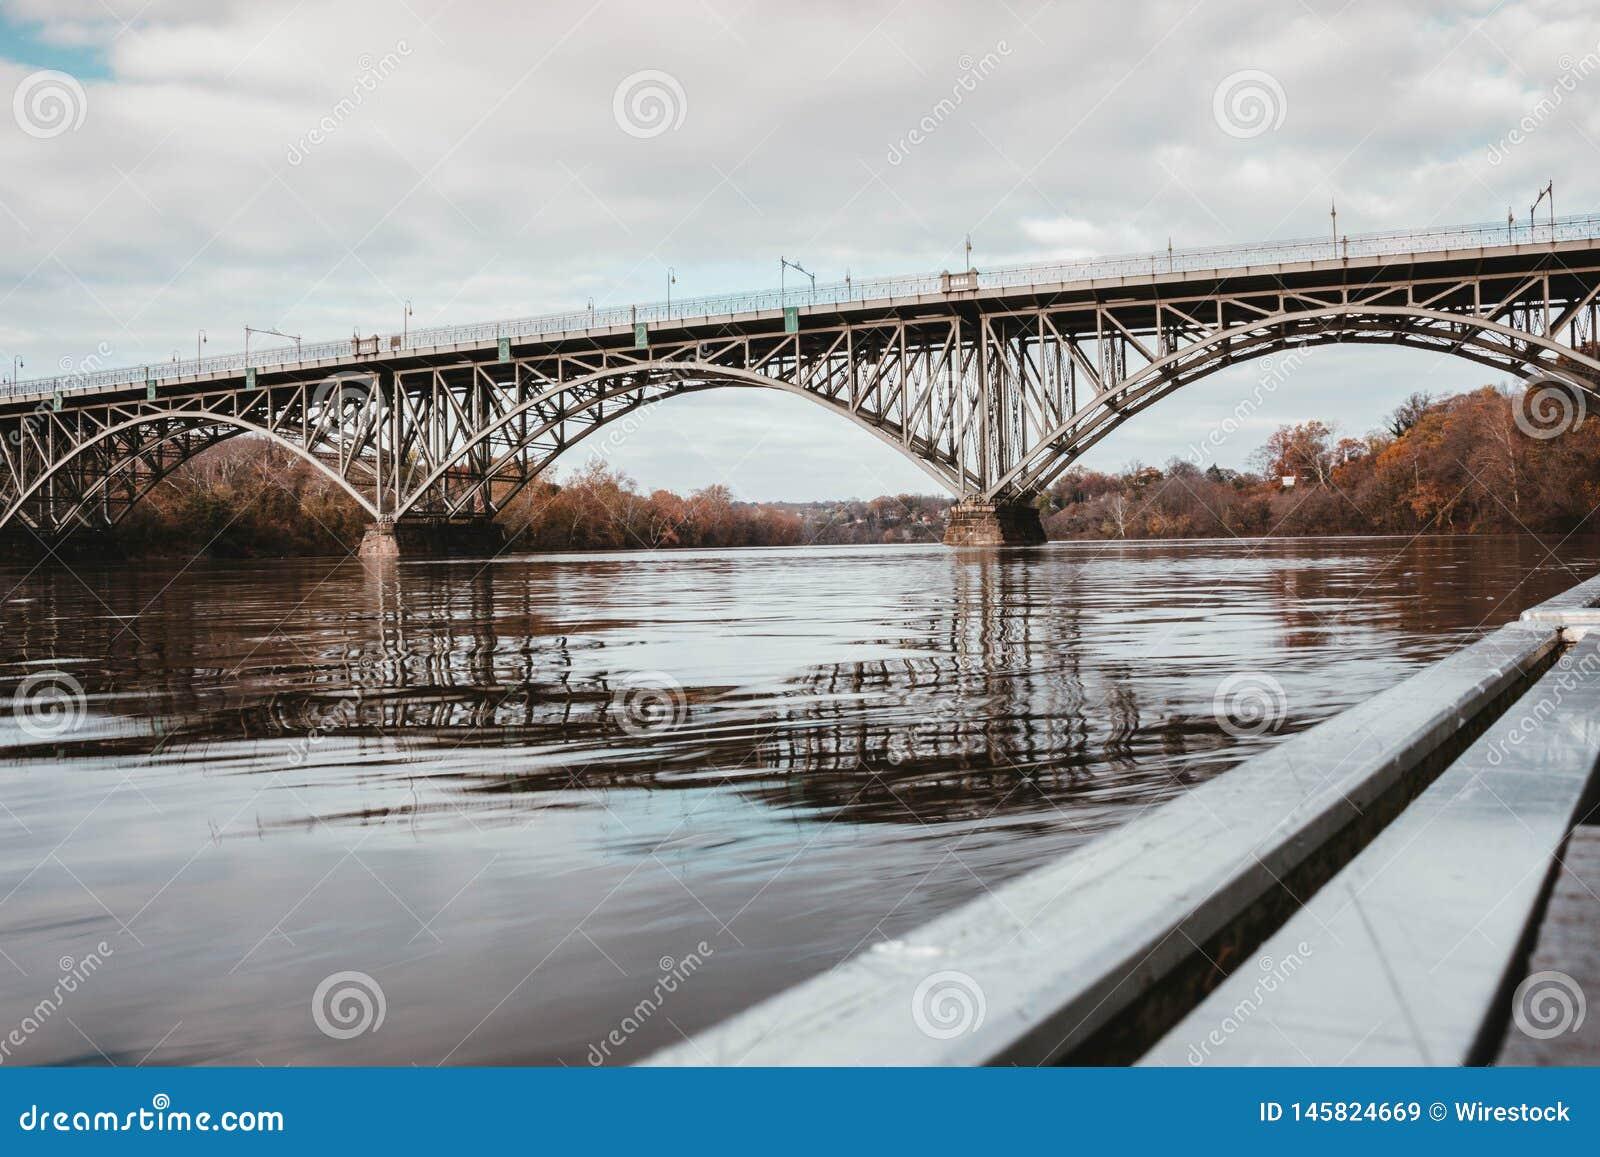 Un puente de acero sobre un r?o